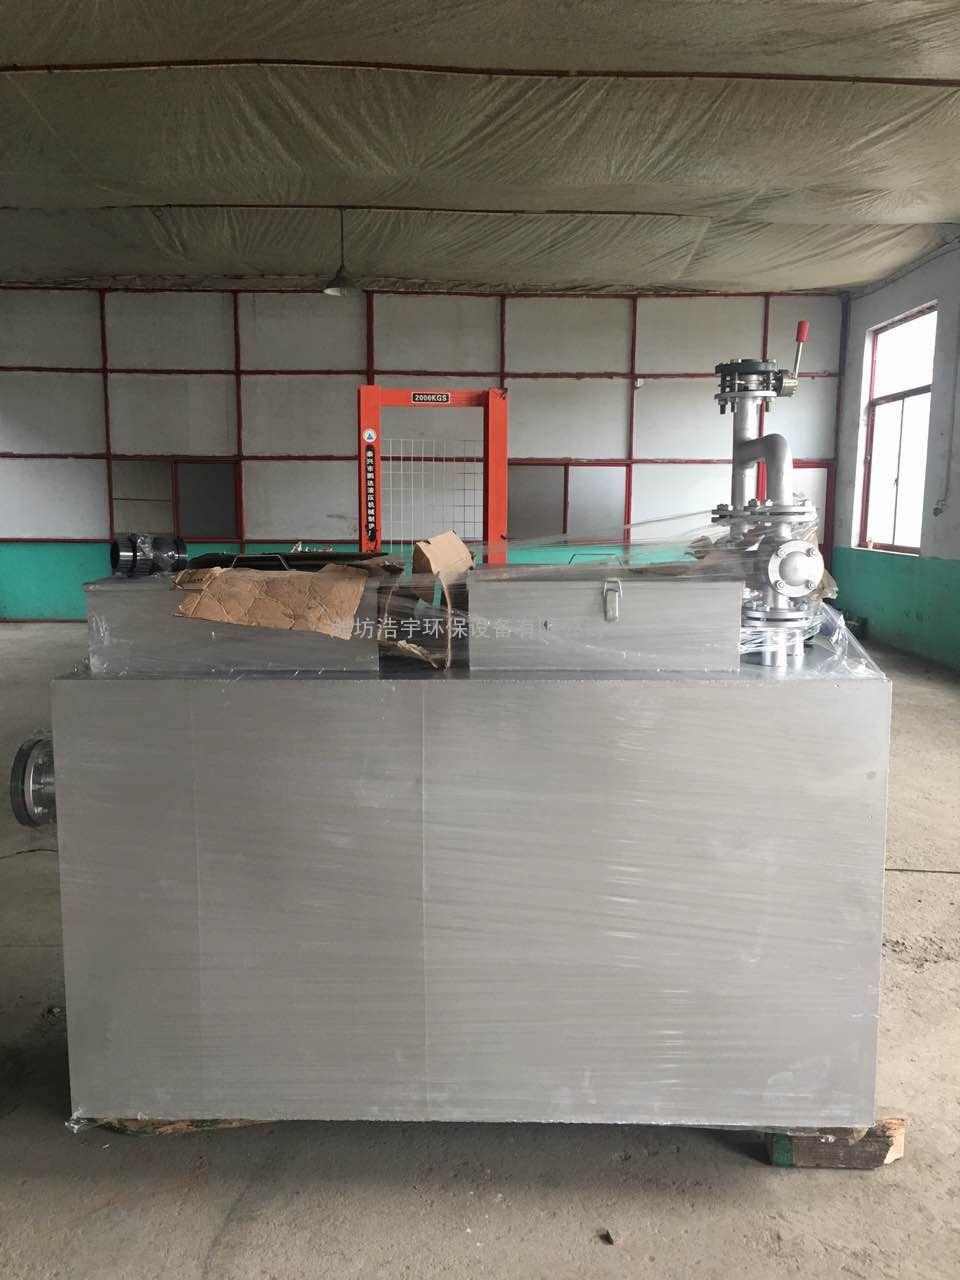 污水强排设备-厕所污水提升-厨房废水强排